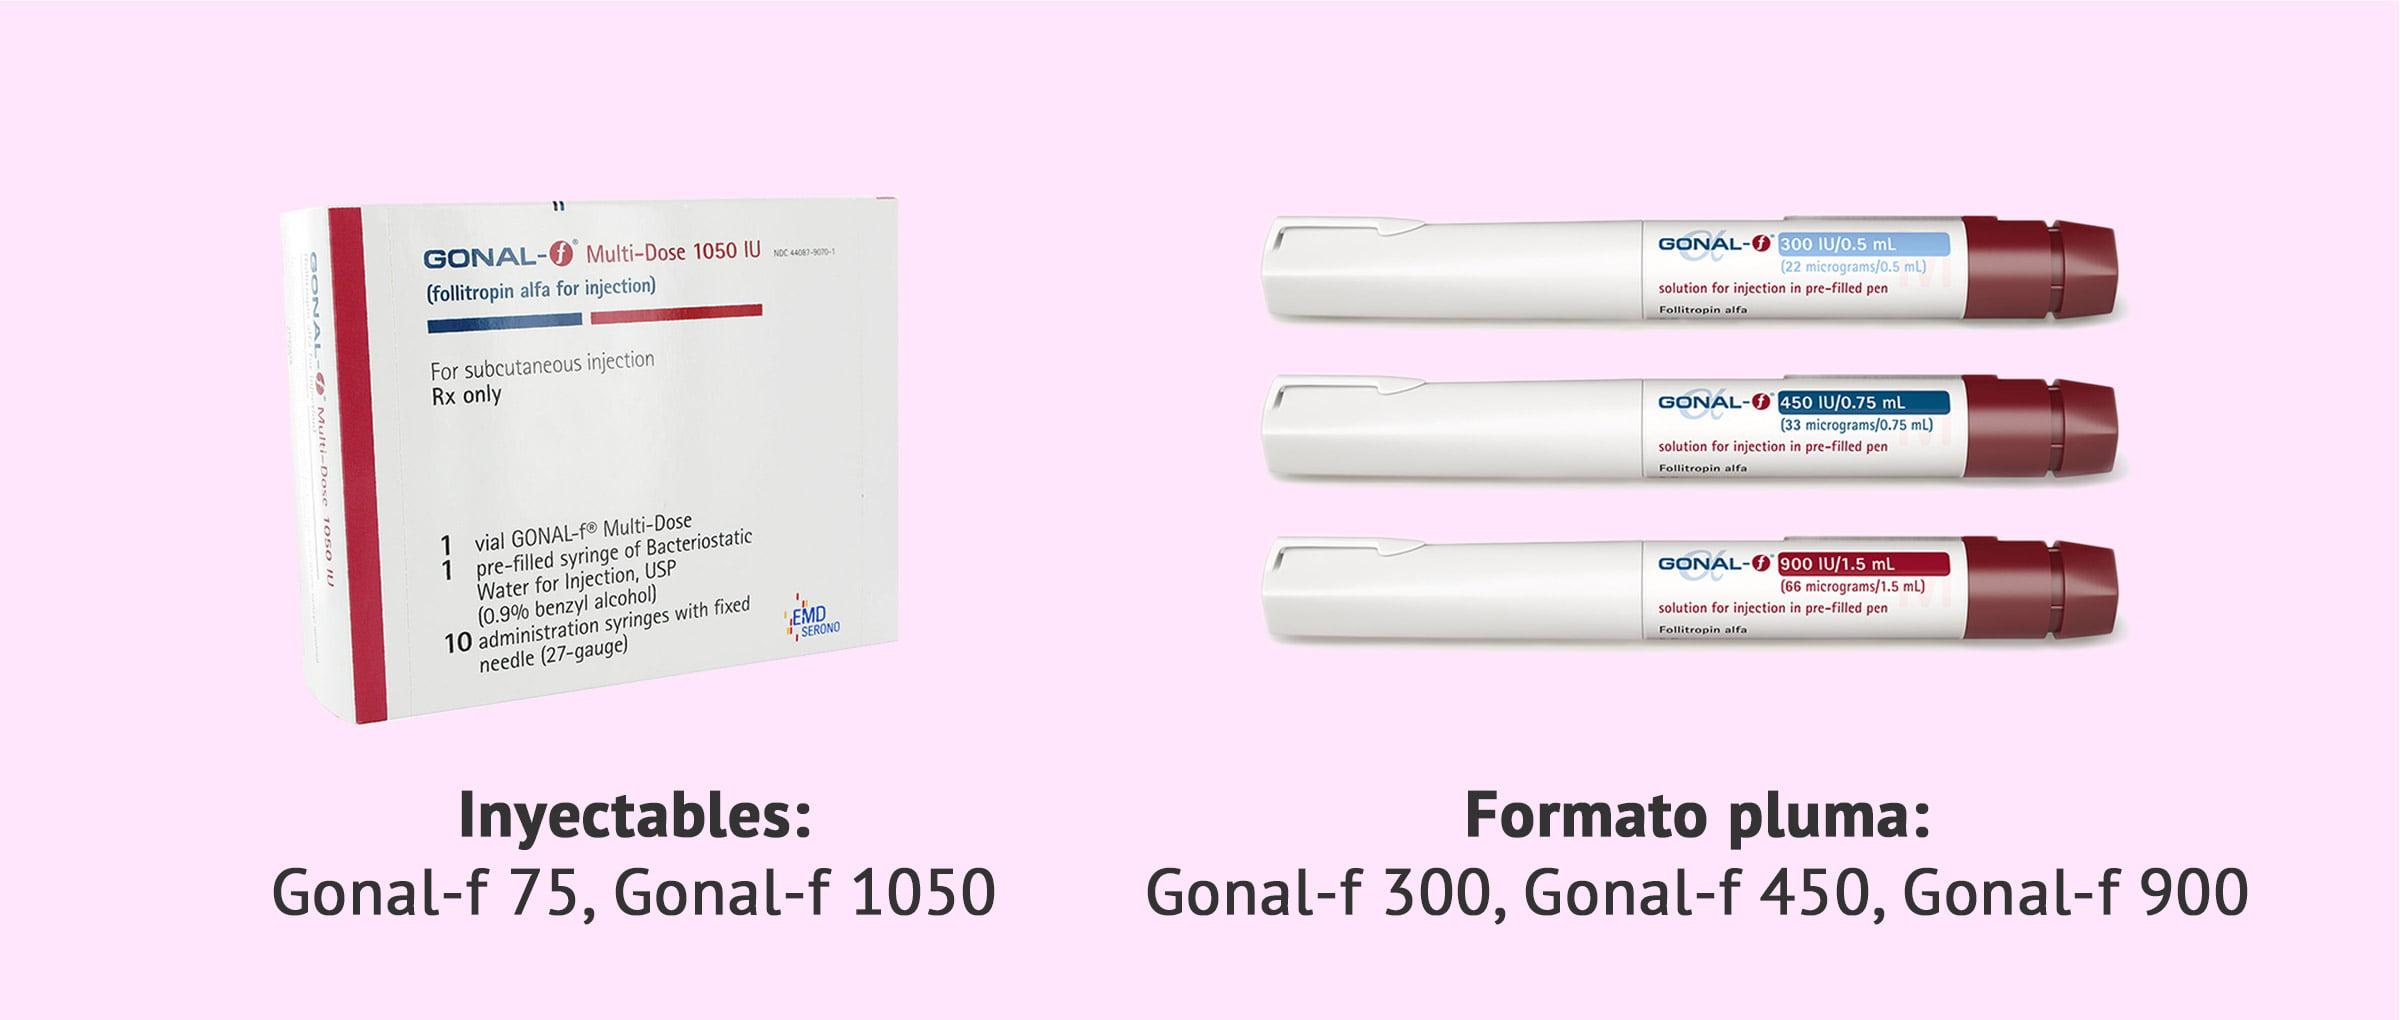 Forma de presentación de Gonal-f